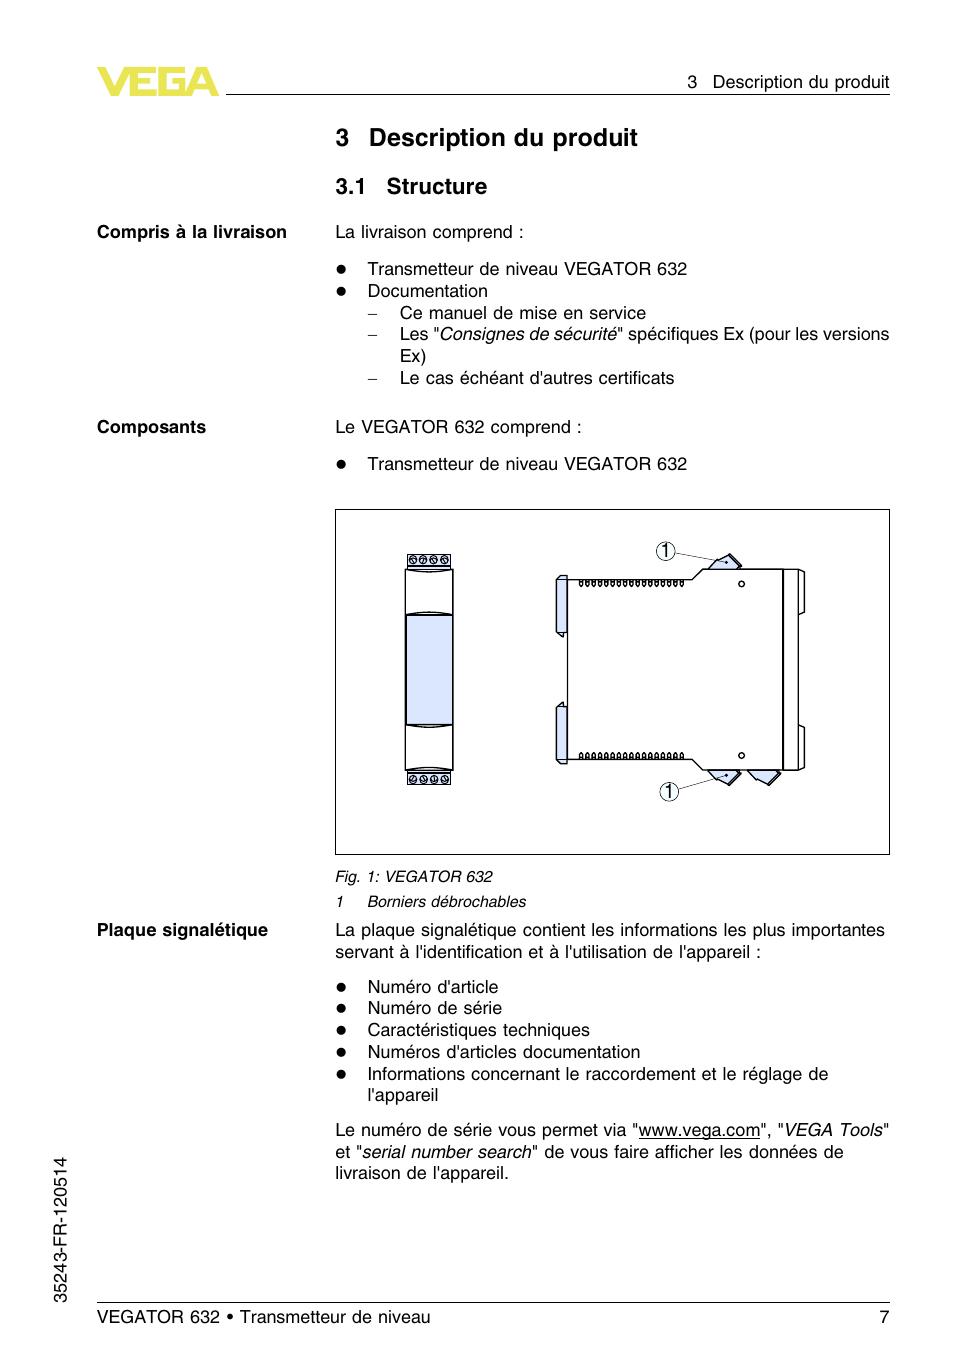 3 description du produit, 1 structure, 3description du